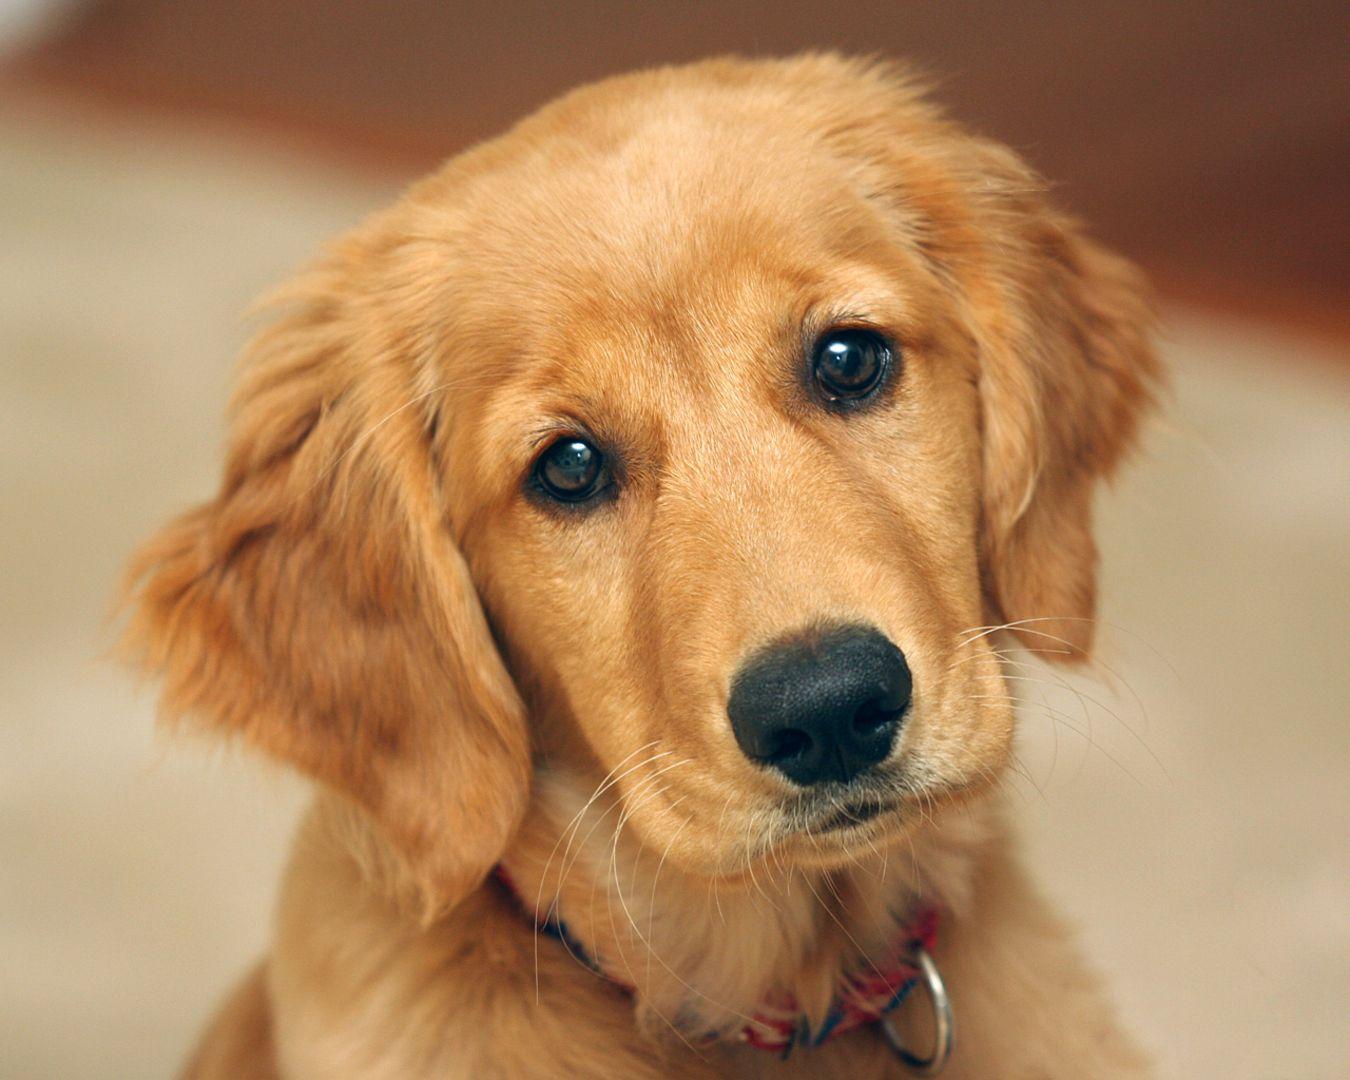 Dog Golden Retriever Google Search Retriever Puppy Golden Retriever Puppy Dogs Golden Retriever